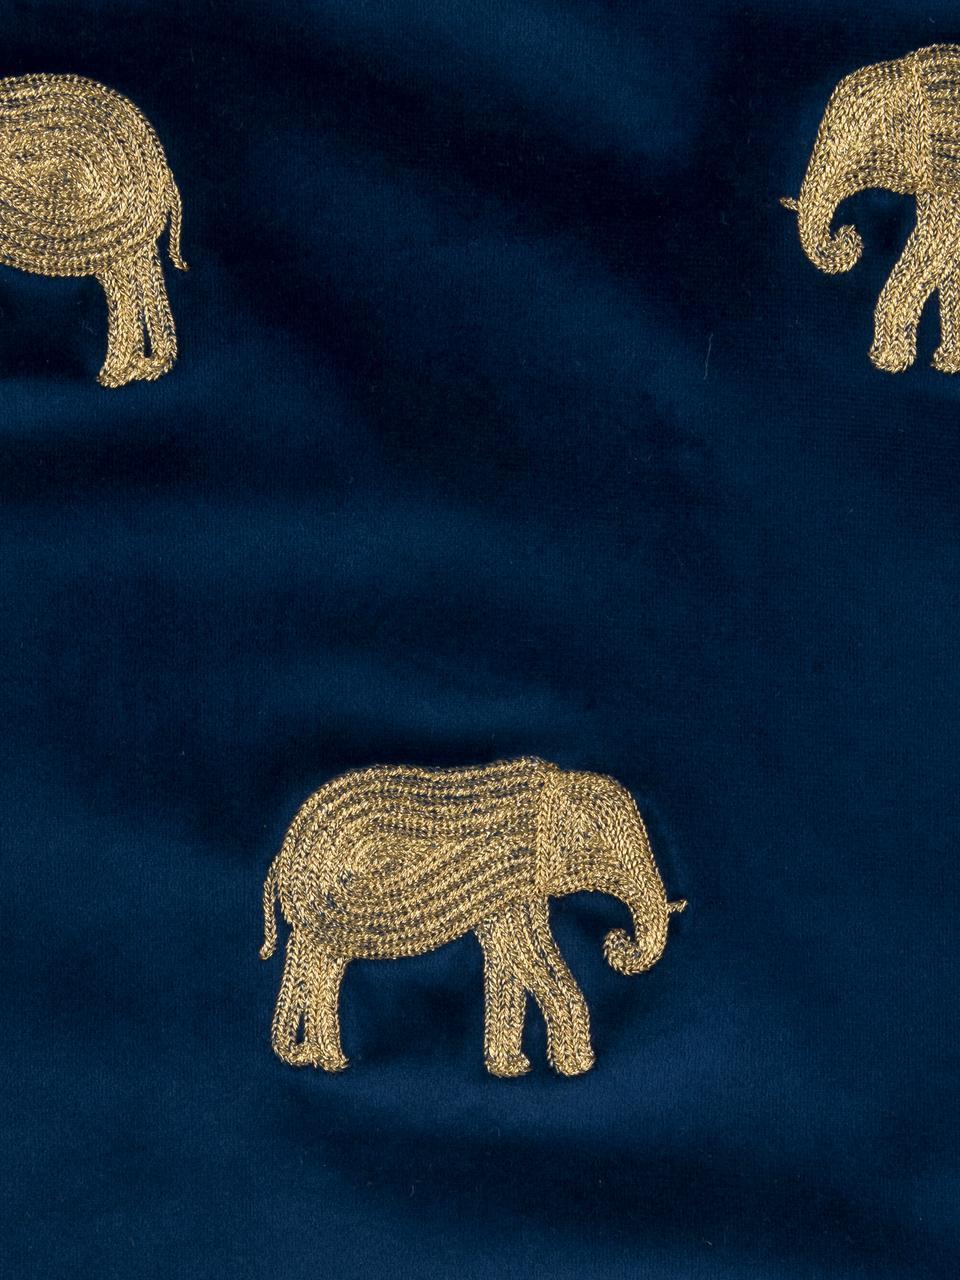 Federa arredo in velluto ricamato Elefco, 100% velluto di poliestere, Blu scuro, dorato, Larg. 40 x Lung. 40 cm